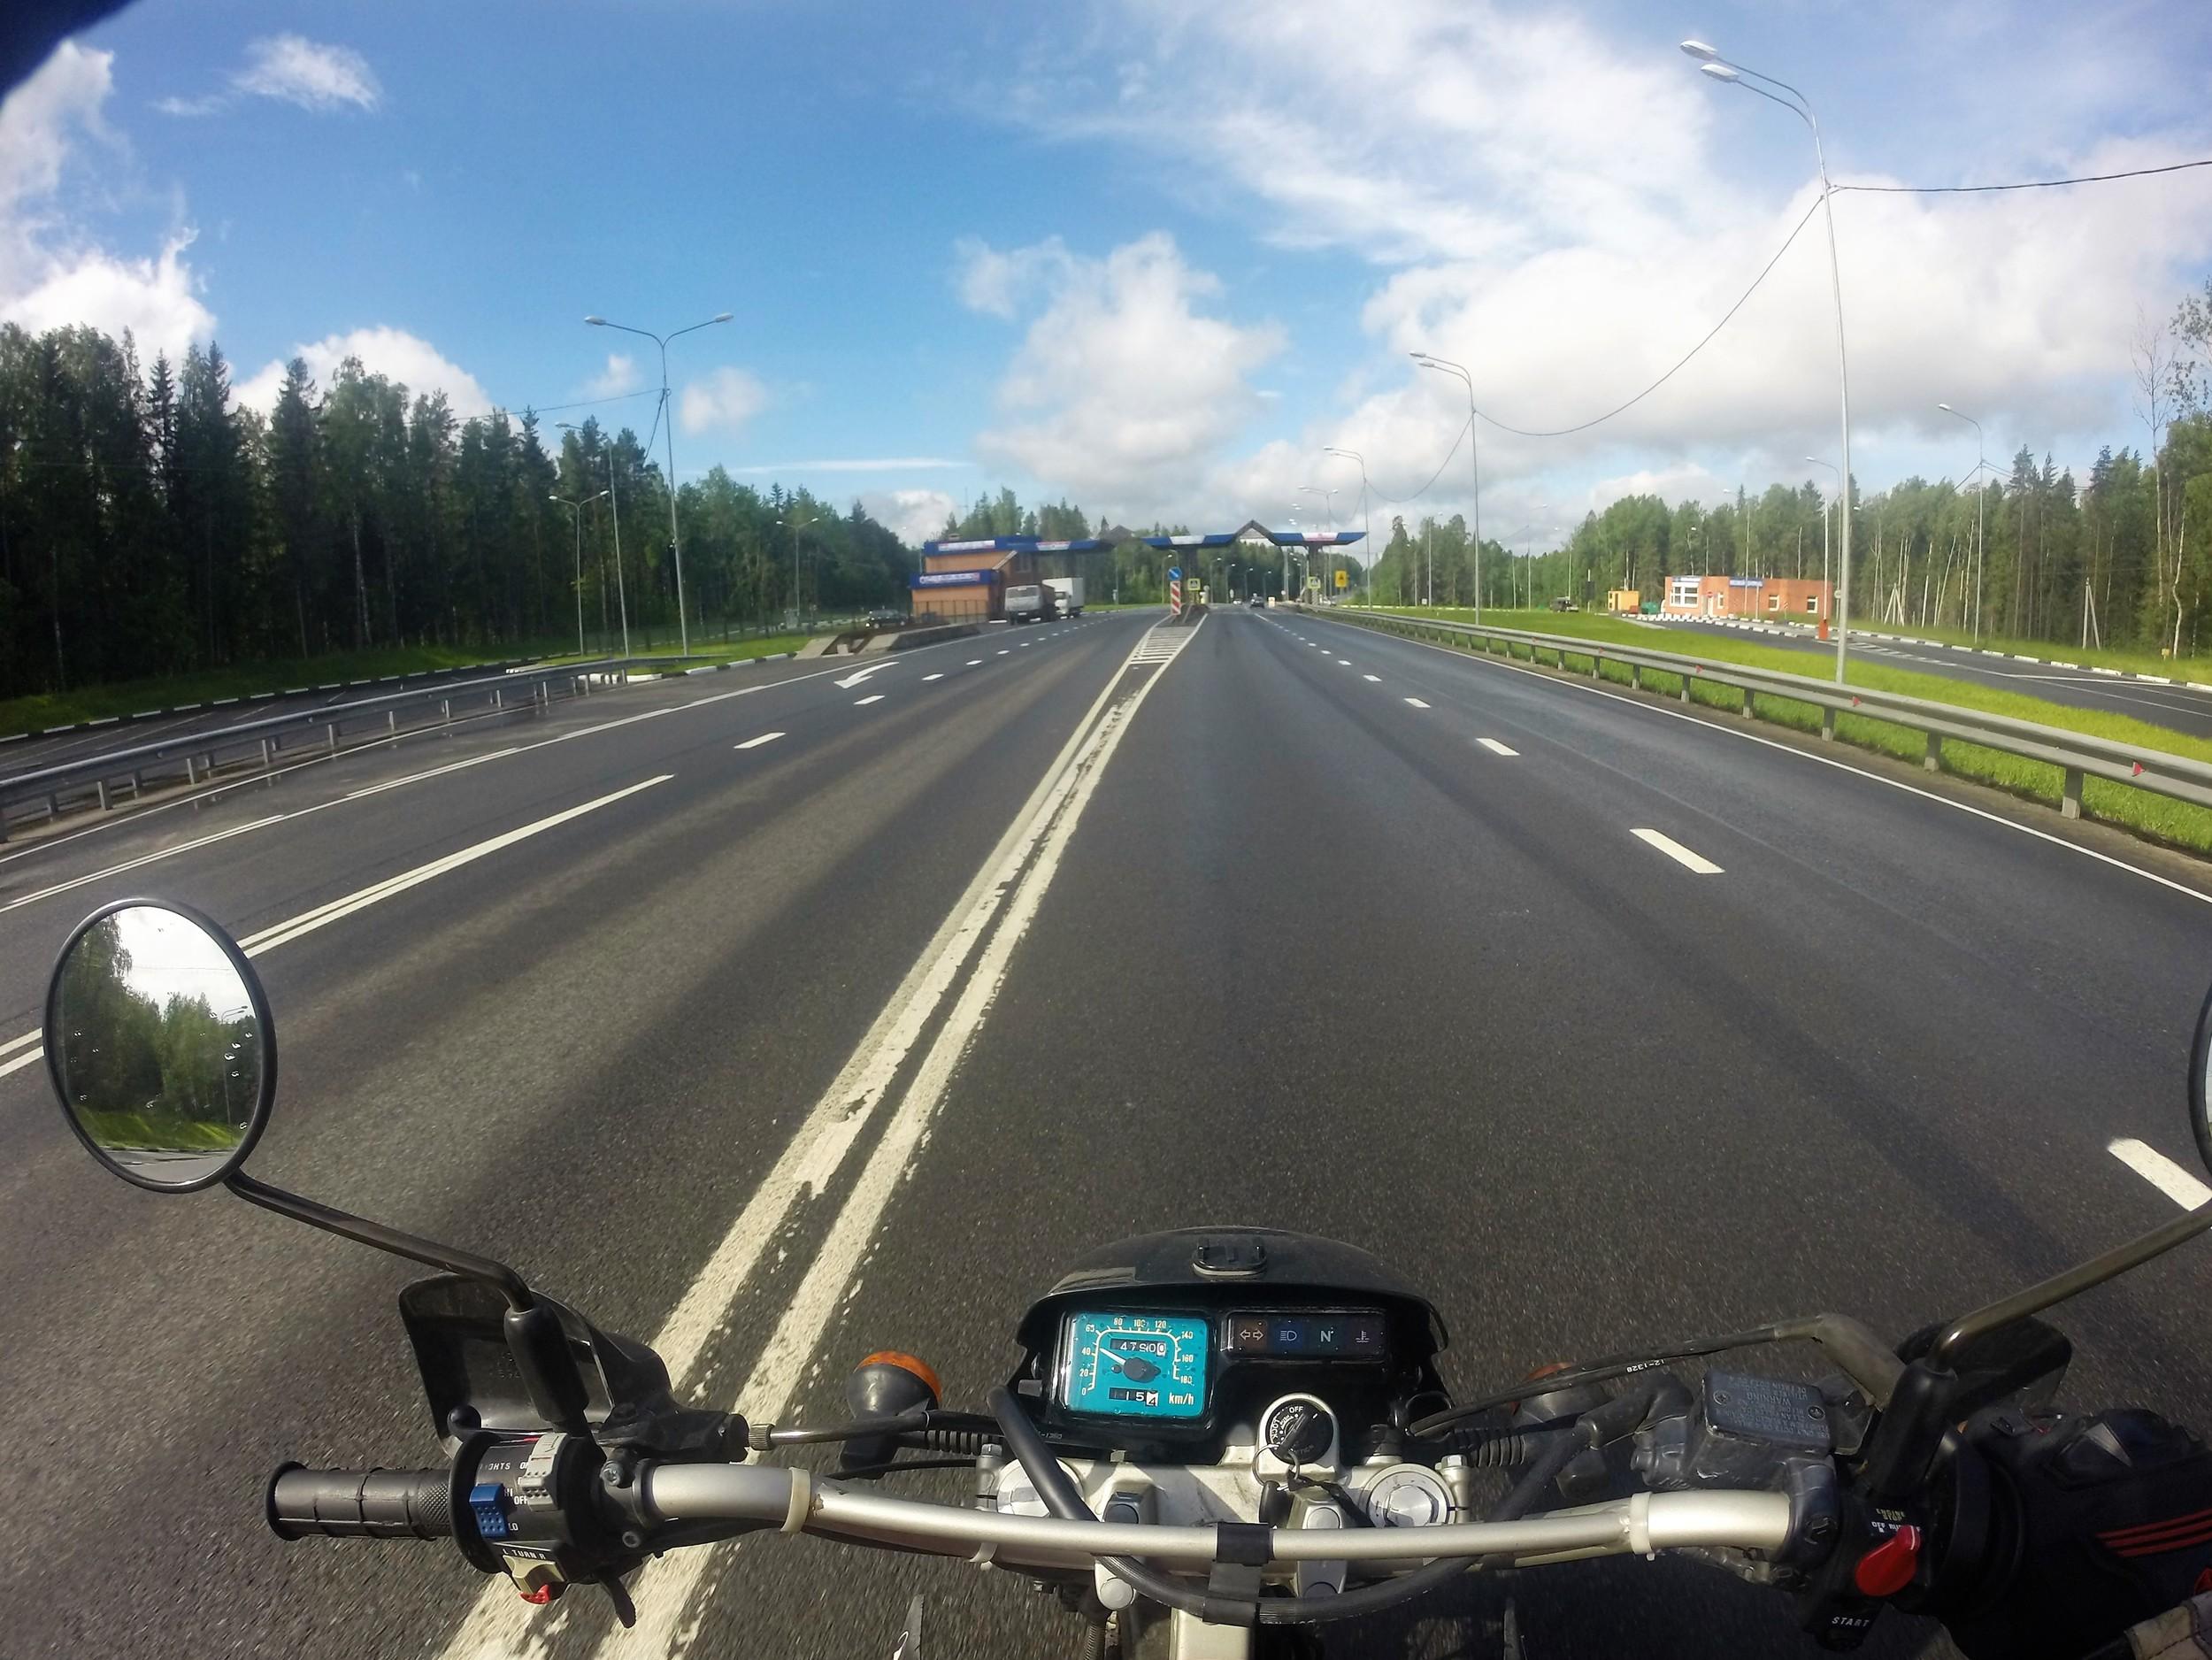 """Aika usein Venäjän teillä tulee vastaan """"DPS"""" eli liikennepoliisin tarkistuspisteitä. Pyöräilijät pääsevät melkein aina läpi ihan pelkällä nyökkäyksellä..."""